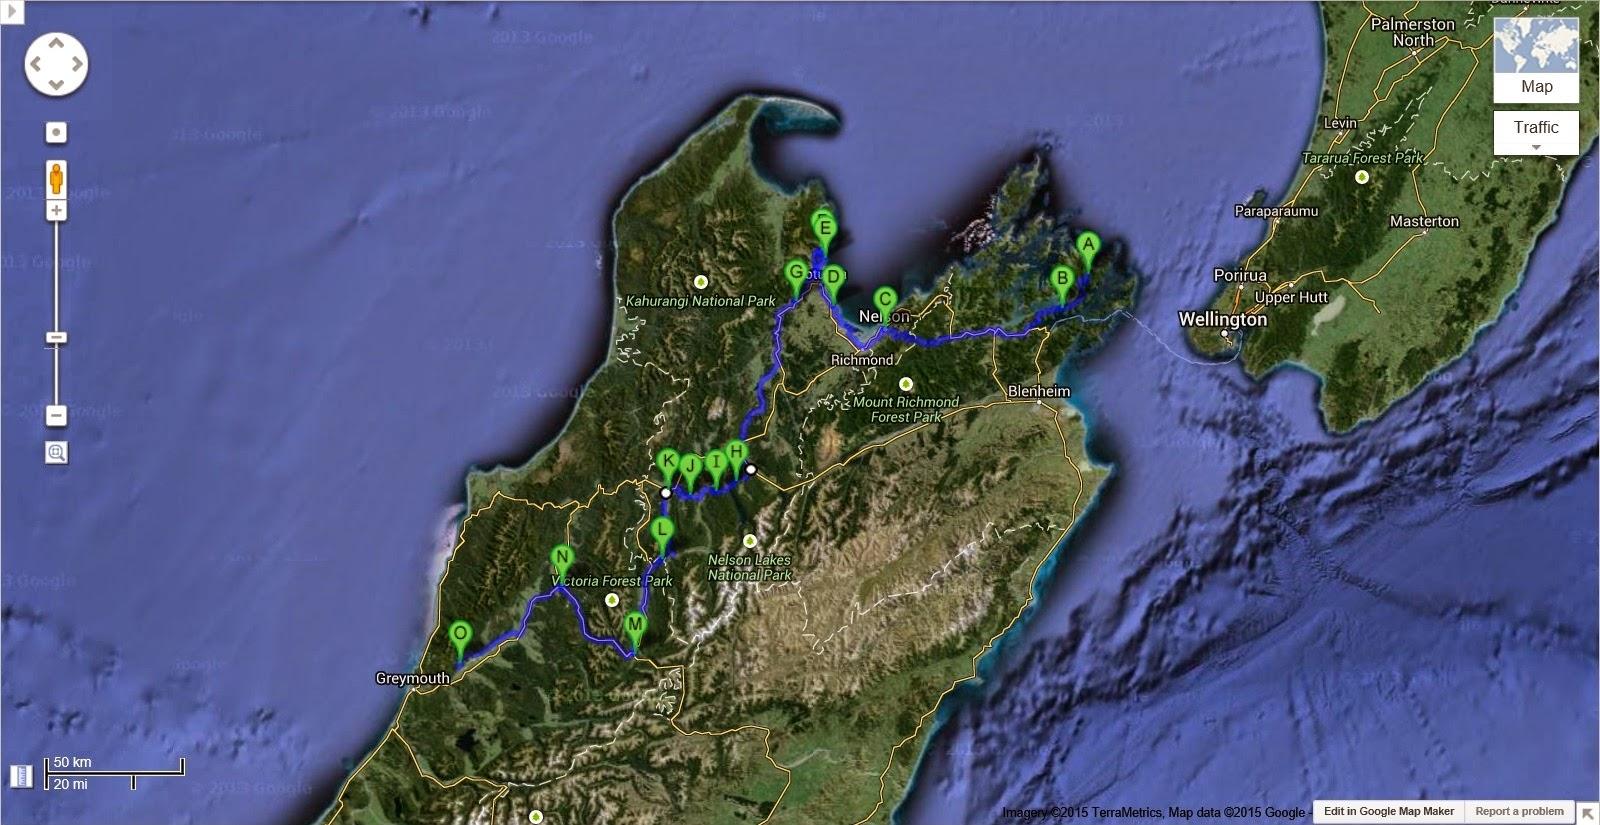 http://goo.gl/maps/UgnVt